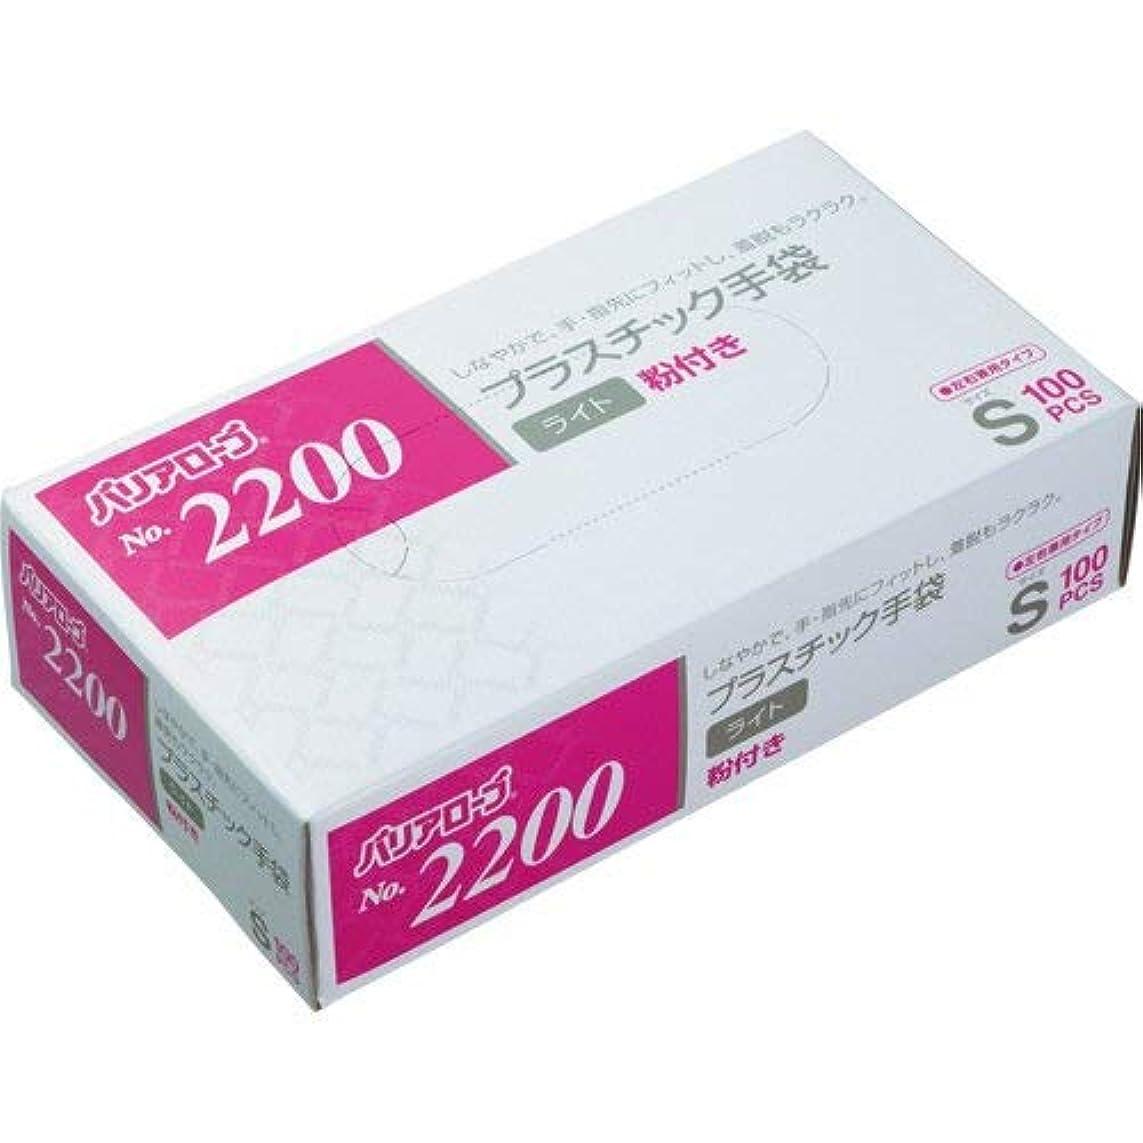 わな虎電圧【ケース販売】 バリアローブ №2200 プラスチック手袋 ライト (粉付き) S 2000枚(100枚×20箱)